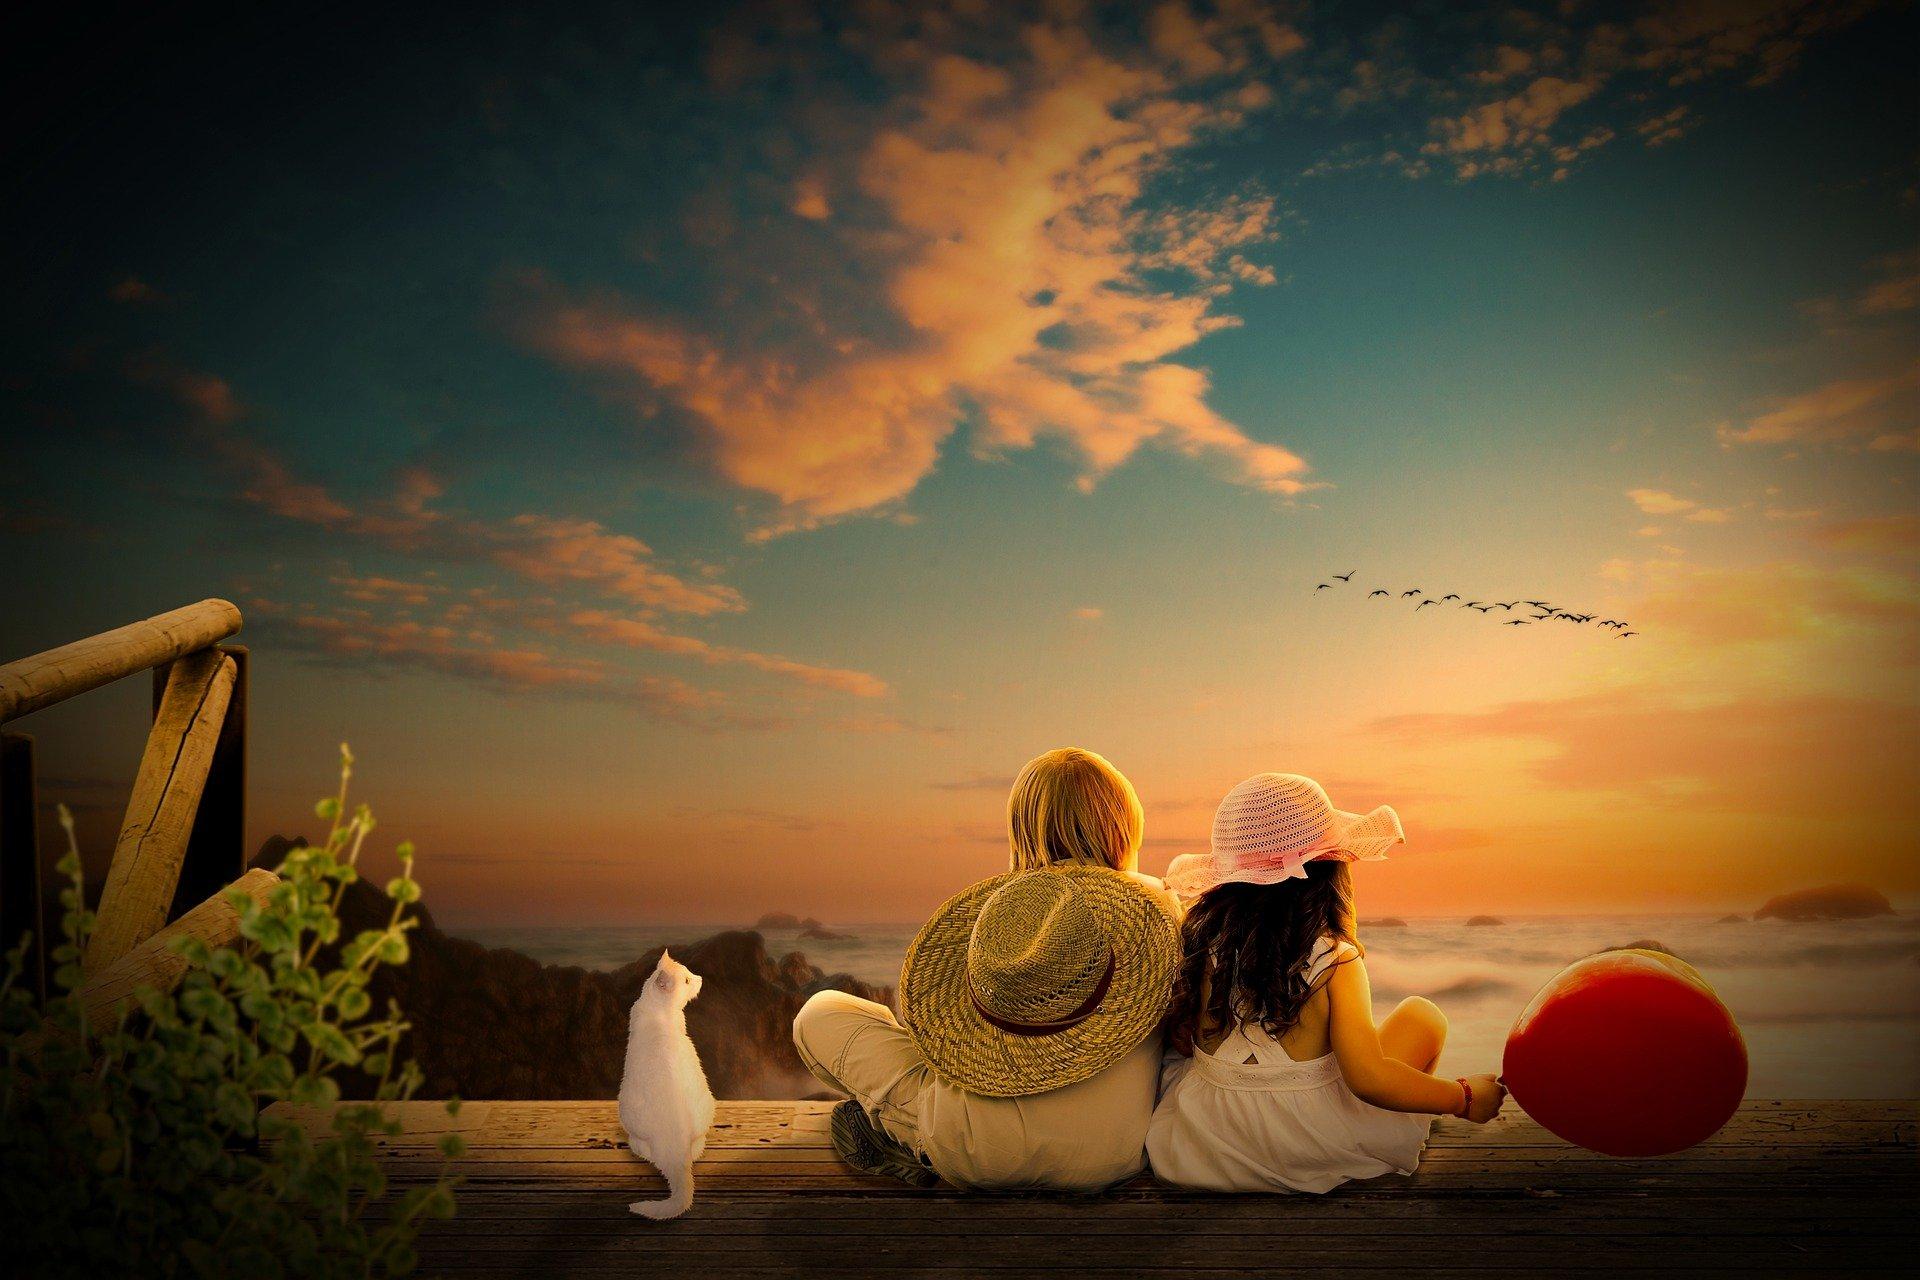 due ragazzi con un cappello, di spalle, con un gatto e un palloncino, che guardano l'orizzonte azzurro e illuminato dal sole